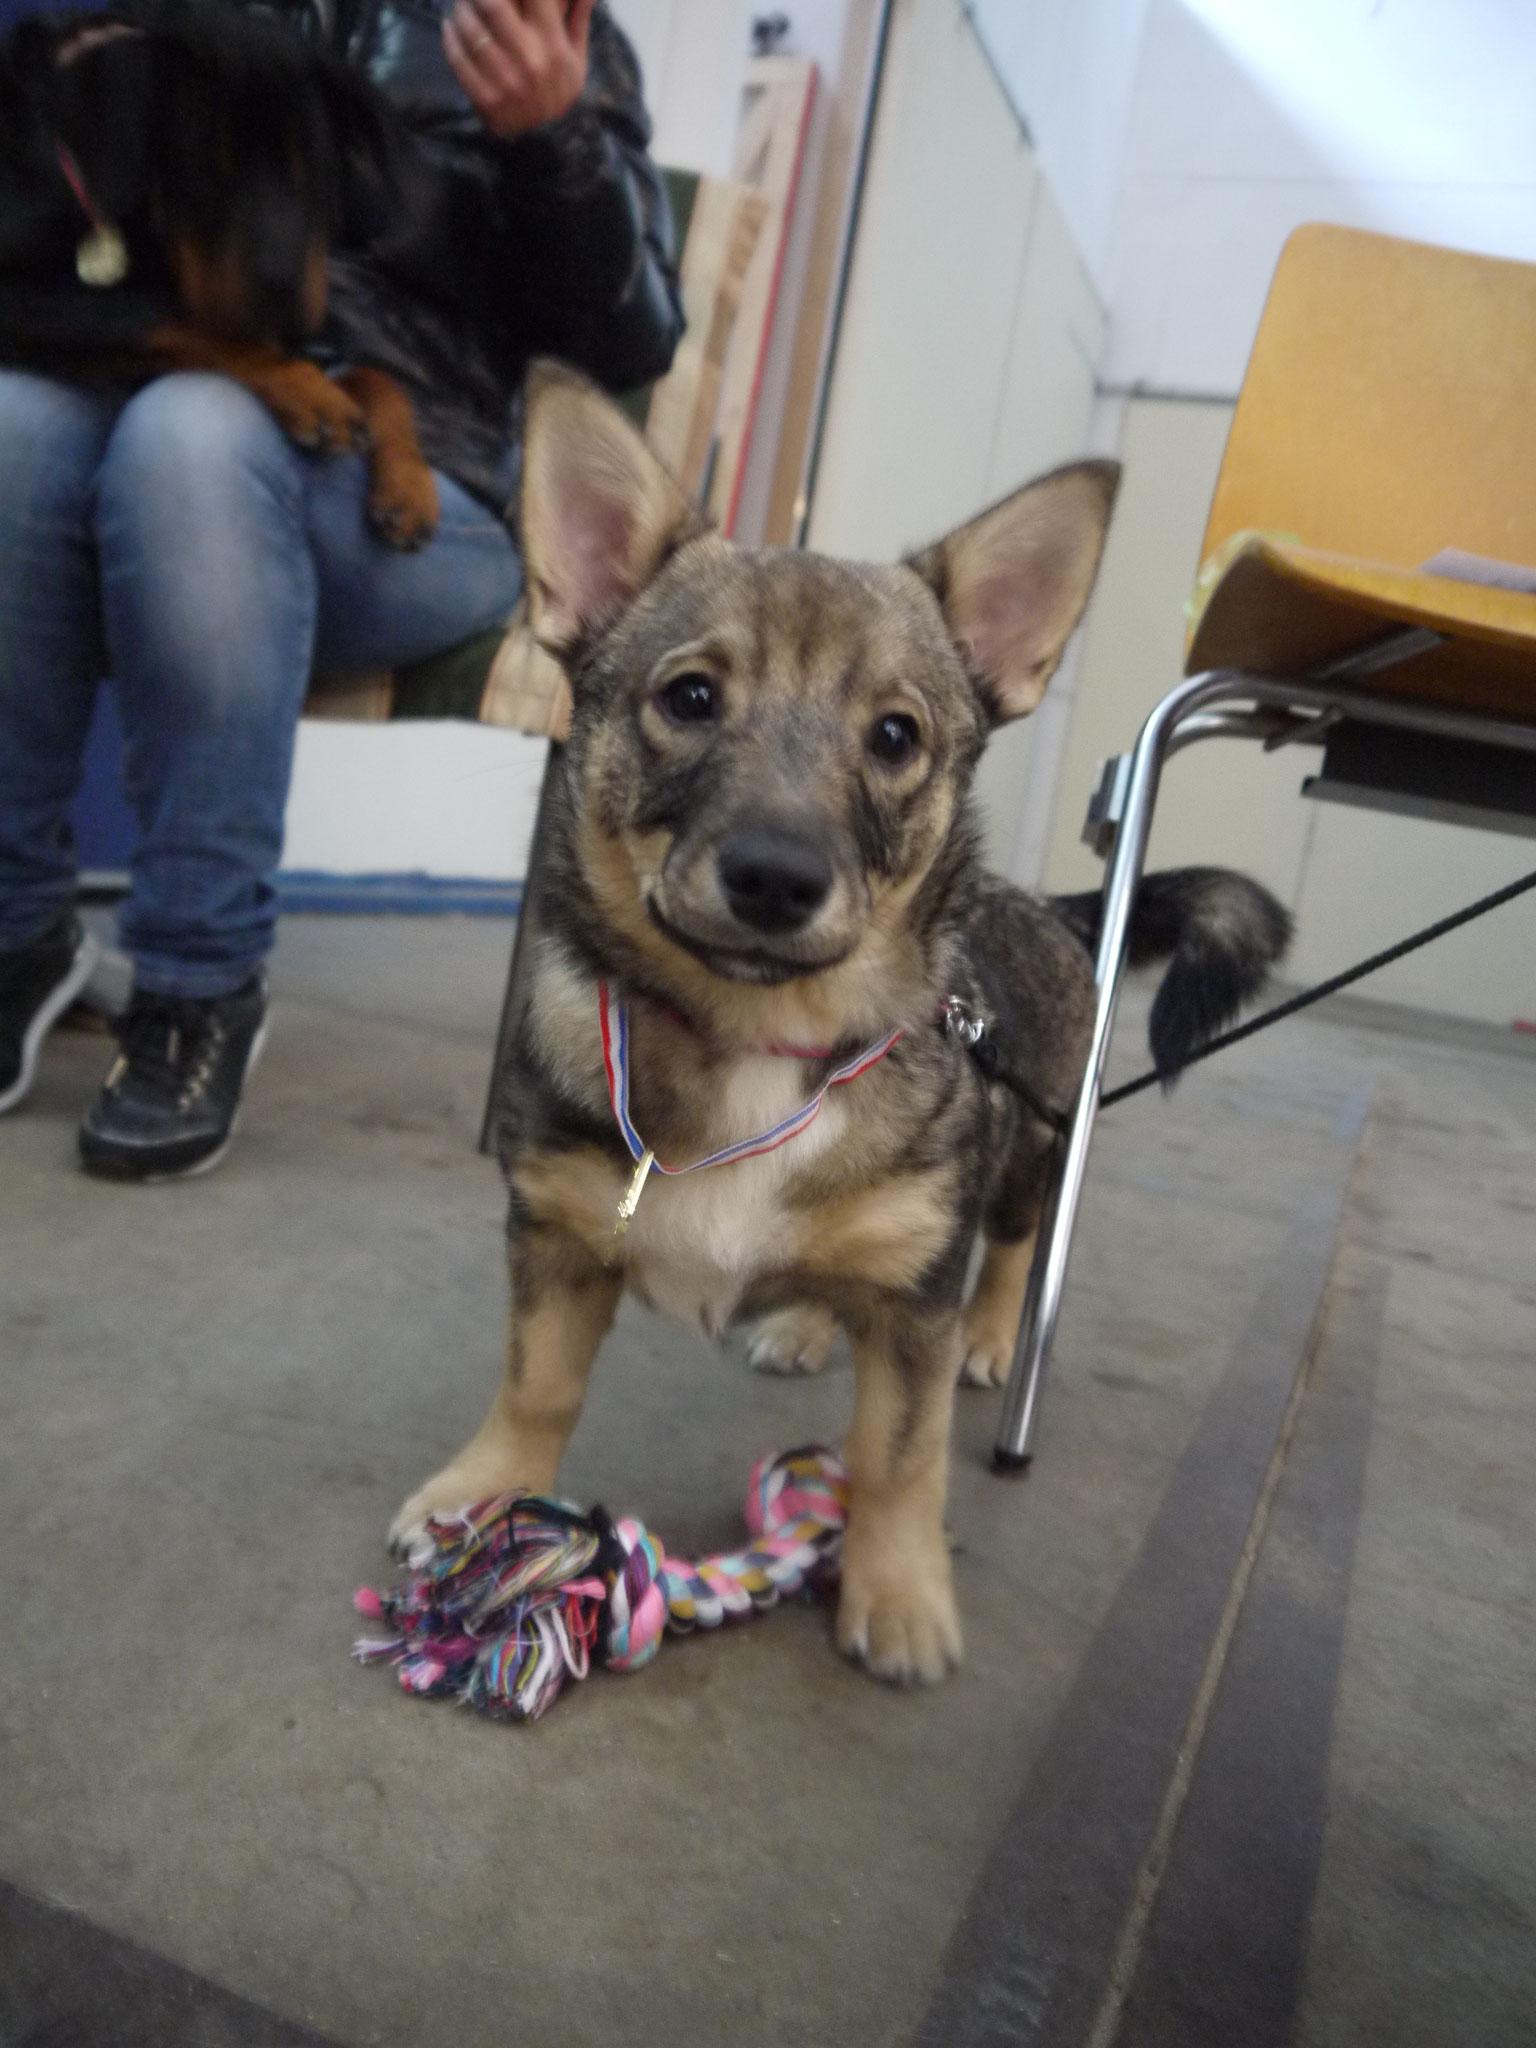 Geslaagd voor haar puppyexamen! (op hondenschool The Little Prince)